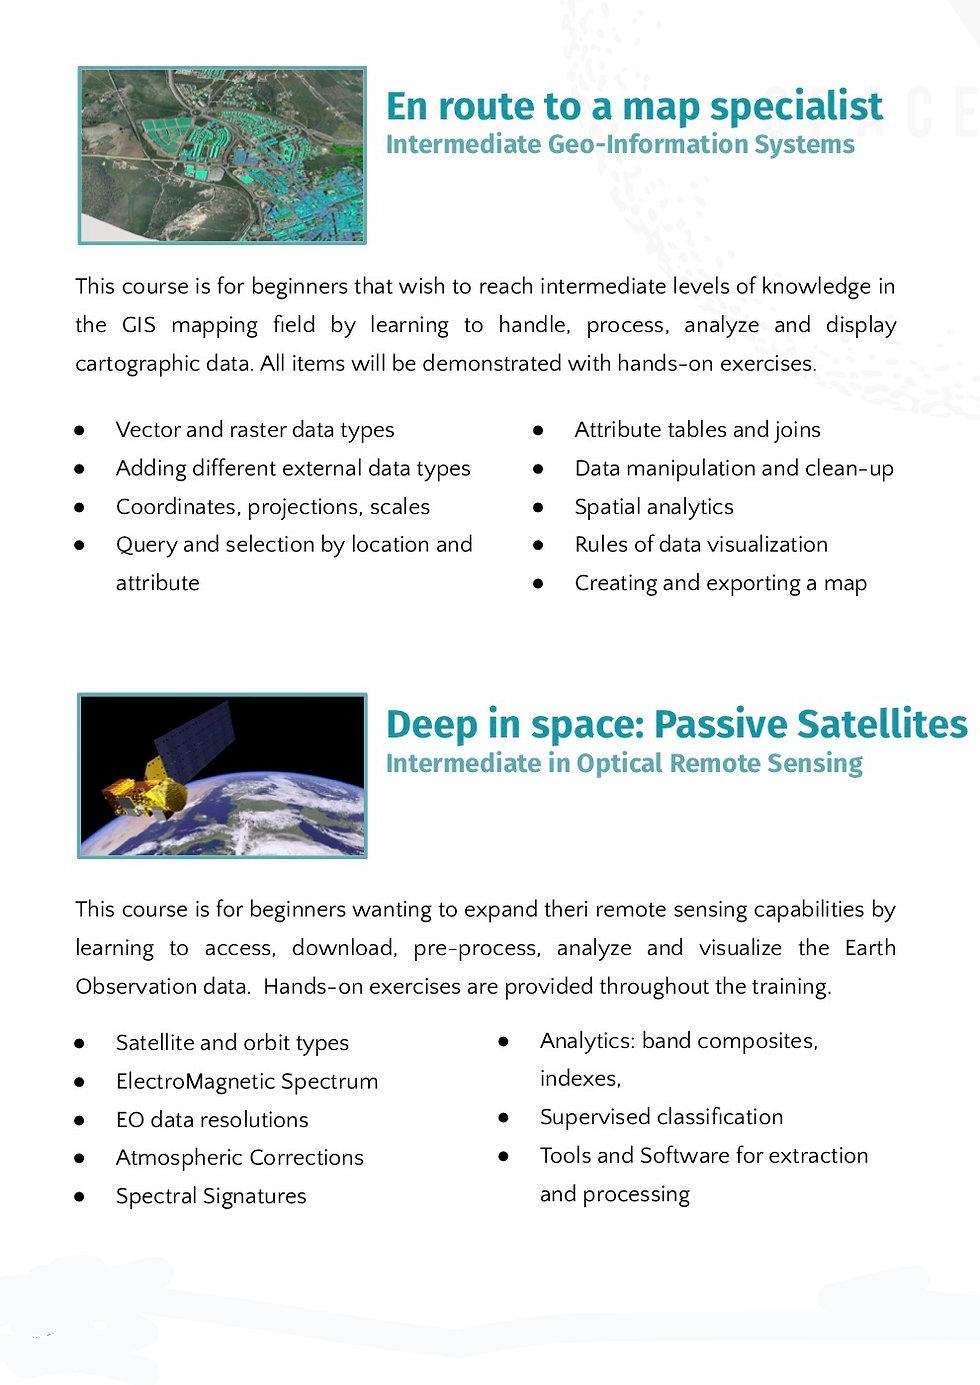 Deep space 2.jpg